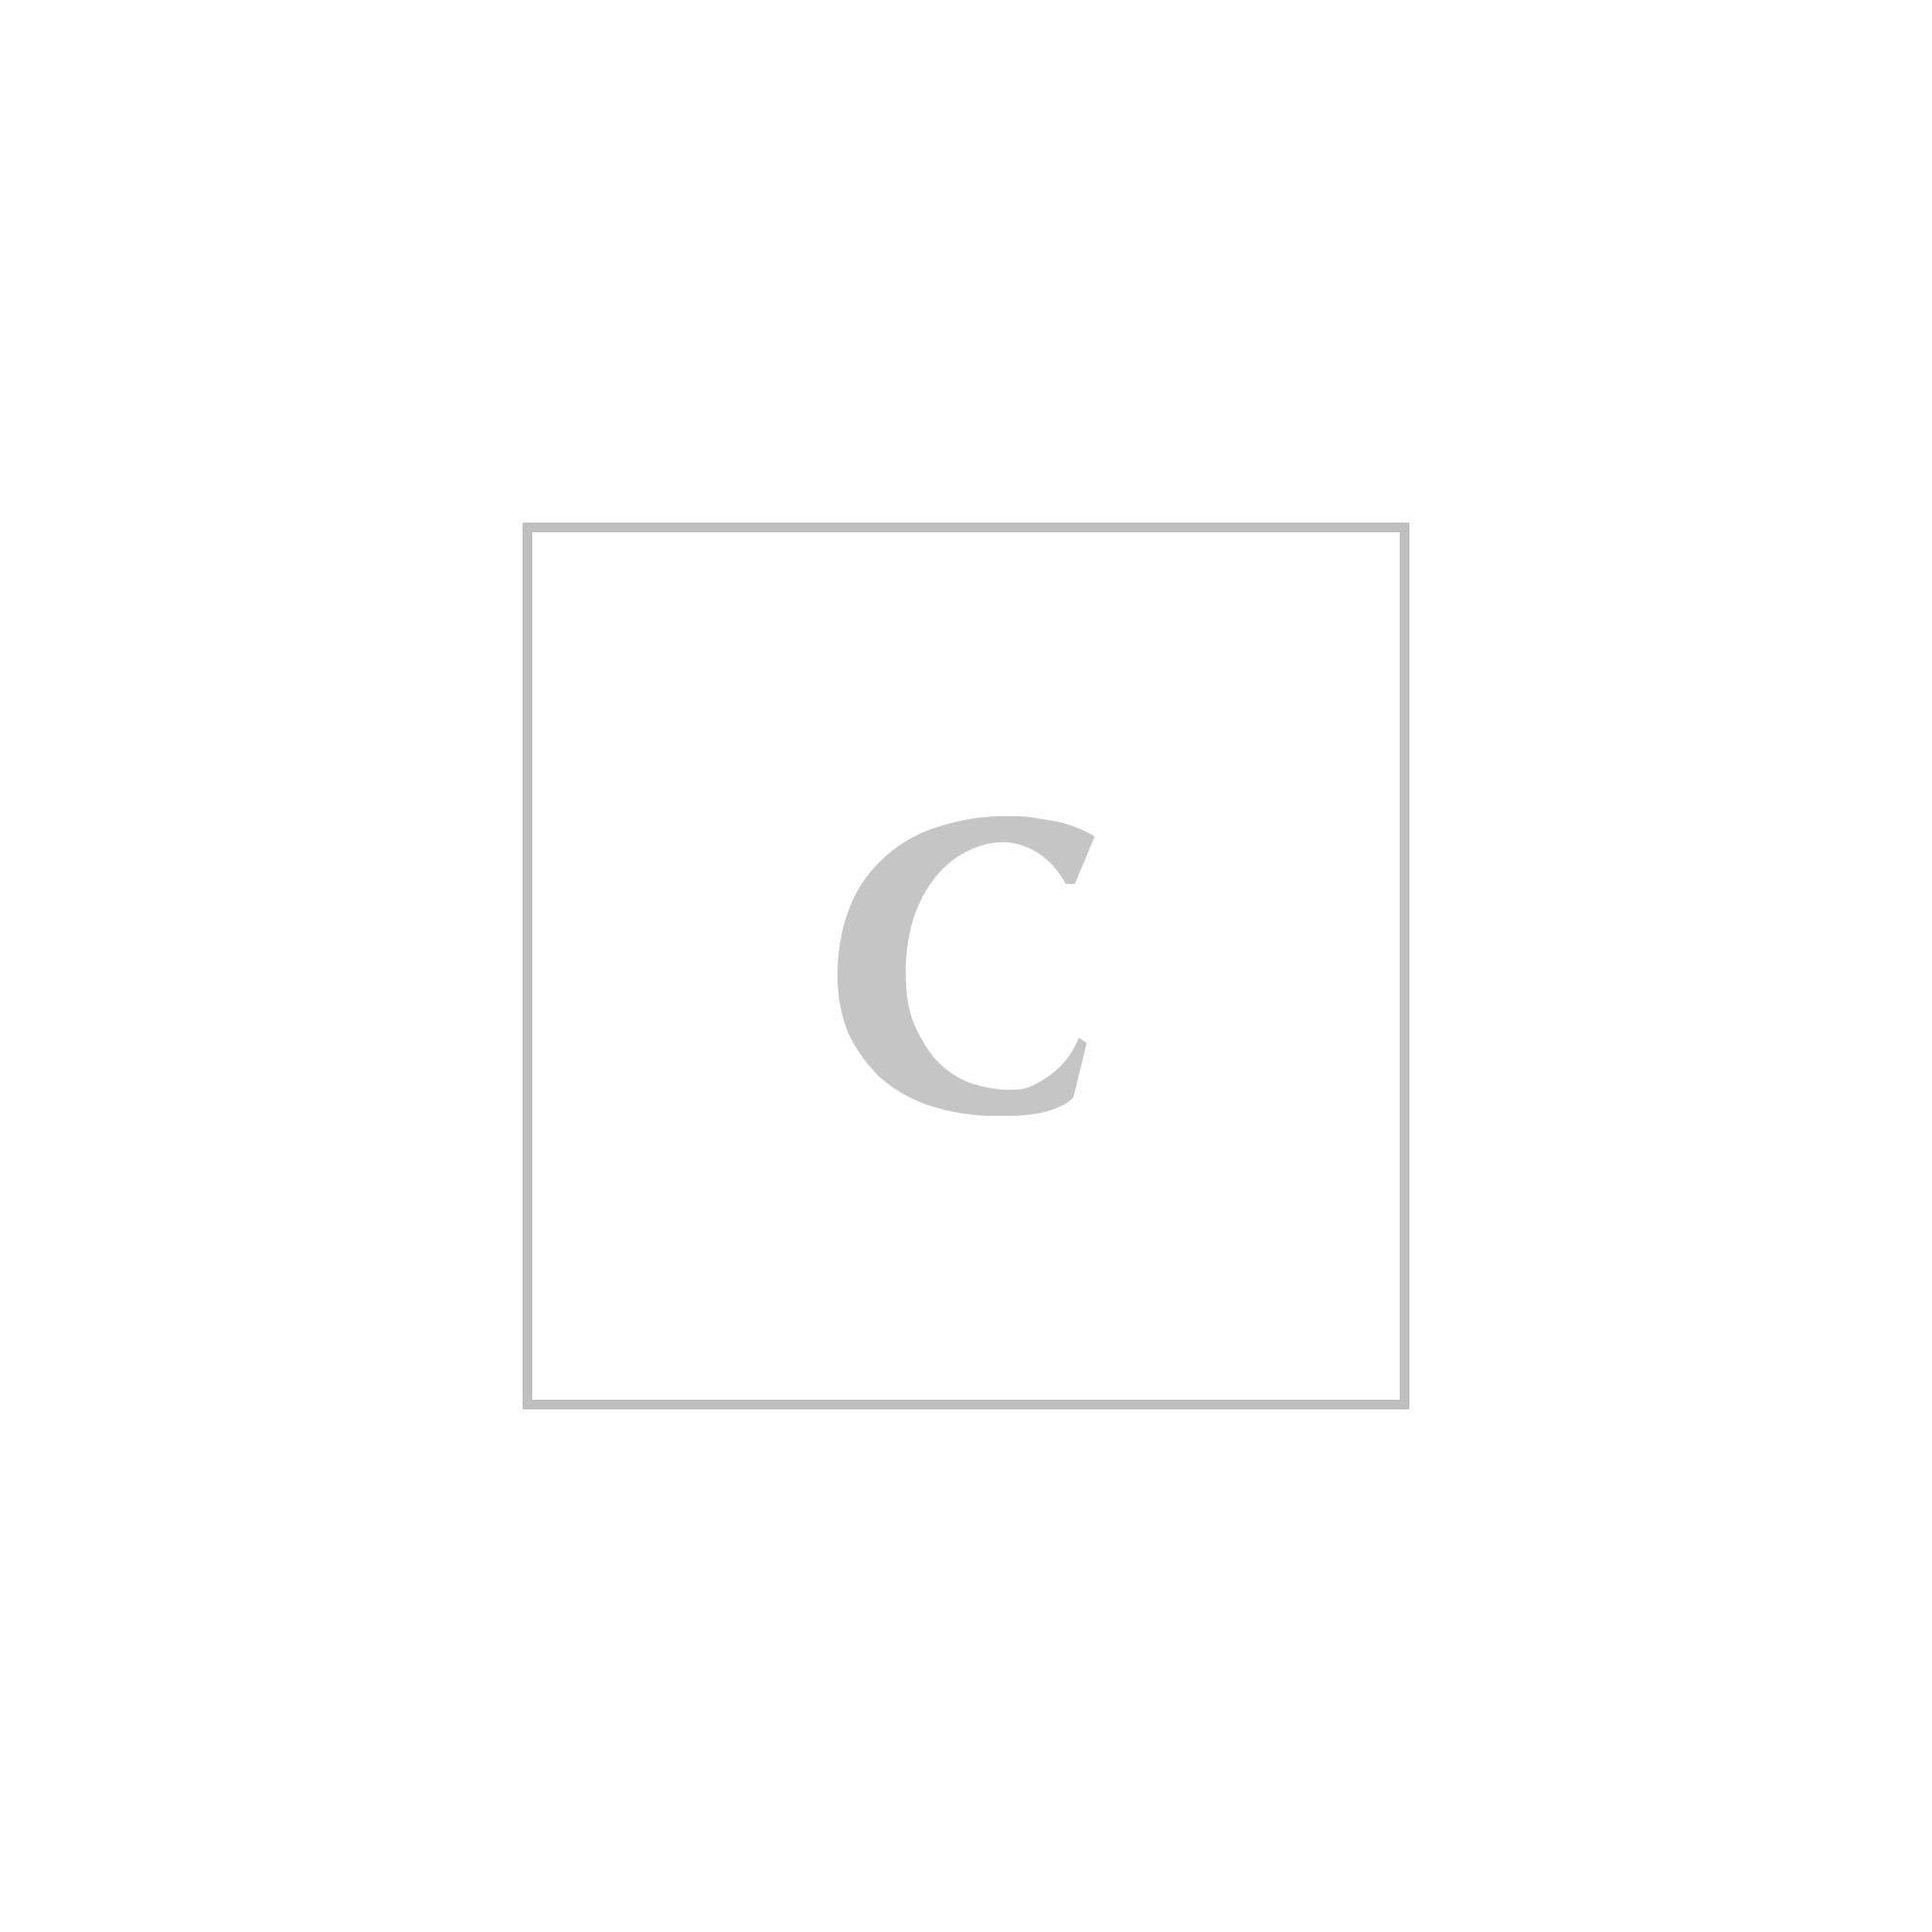 Salvatore ferragamo p.foglio 227121 244 tissu soft squadrato